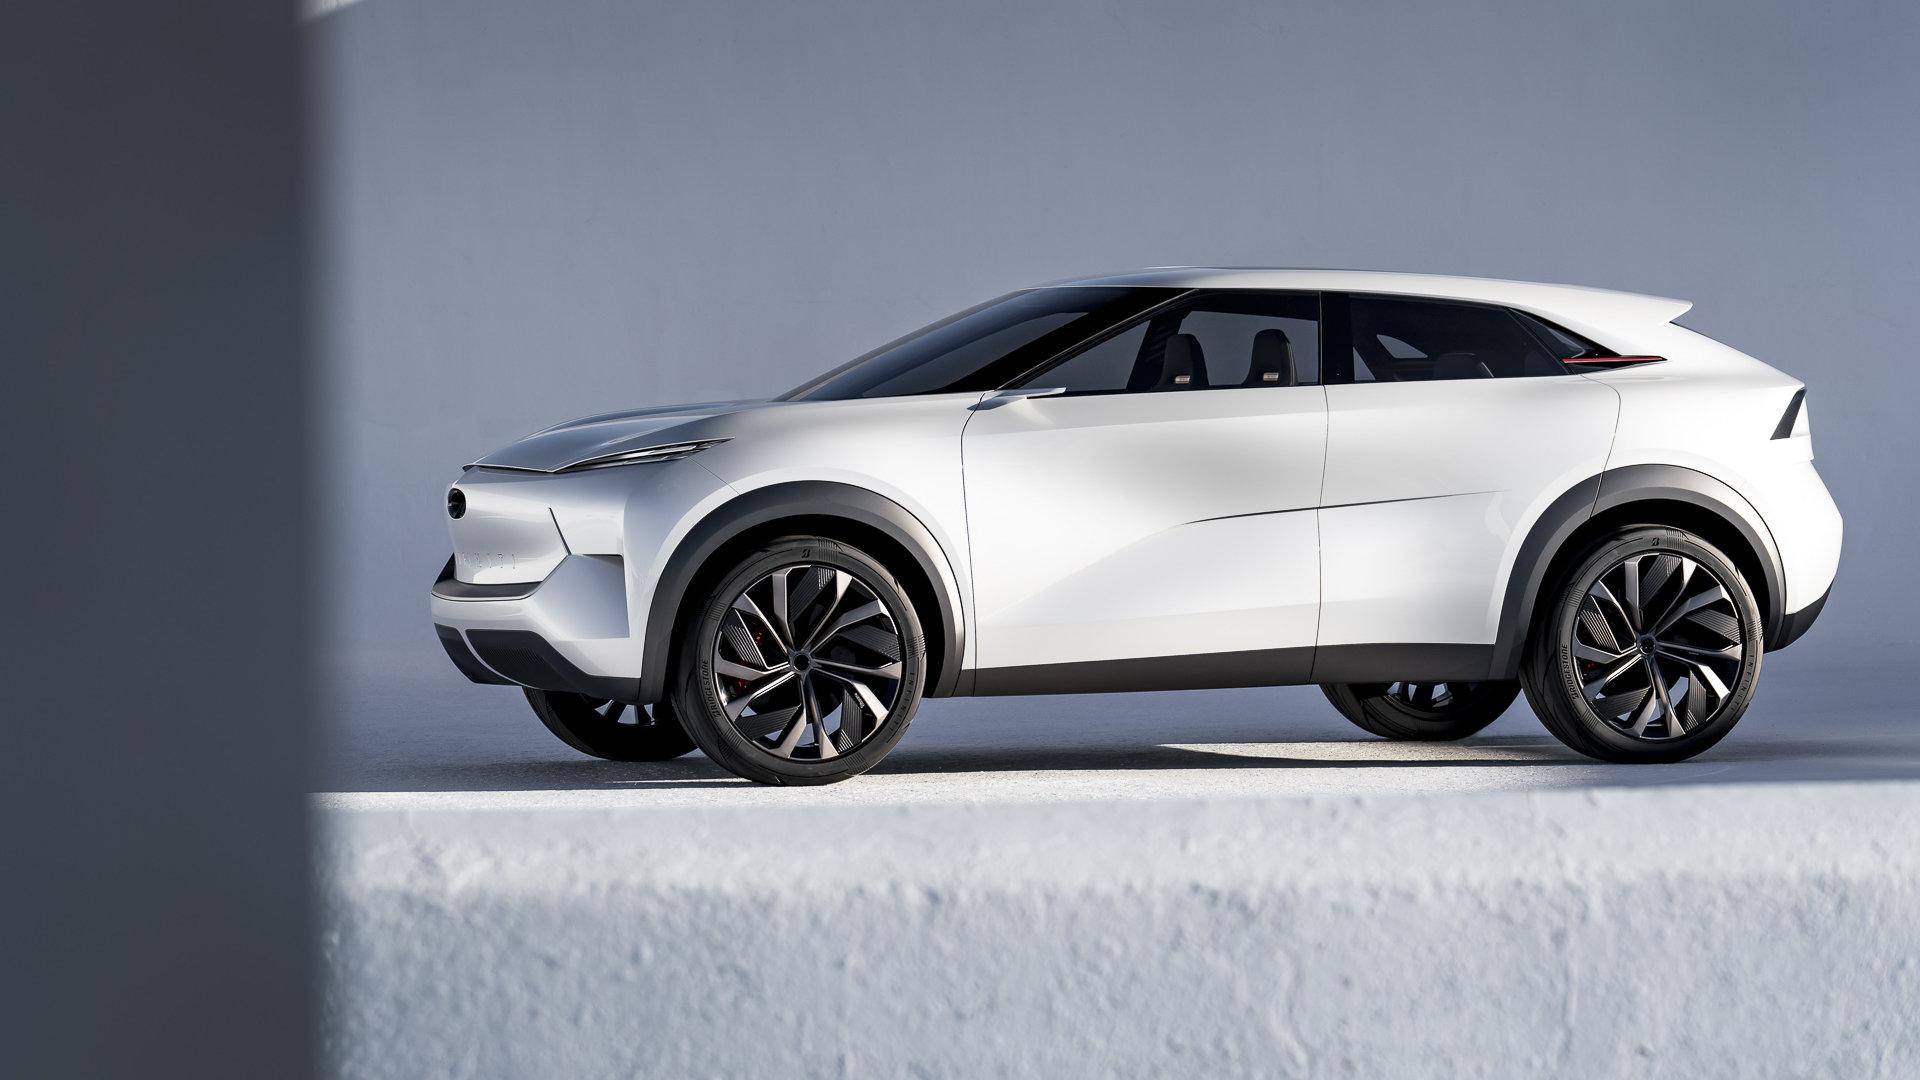 El Infiniti QX Inspiration Concept anticipa el futuro eléctrico de la marca